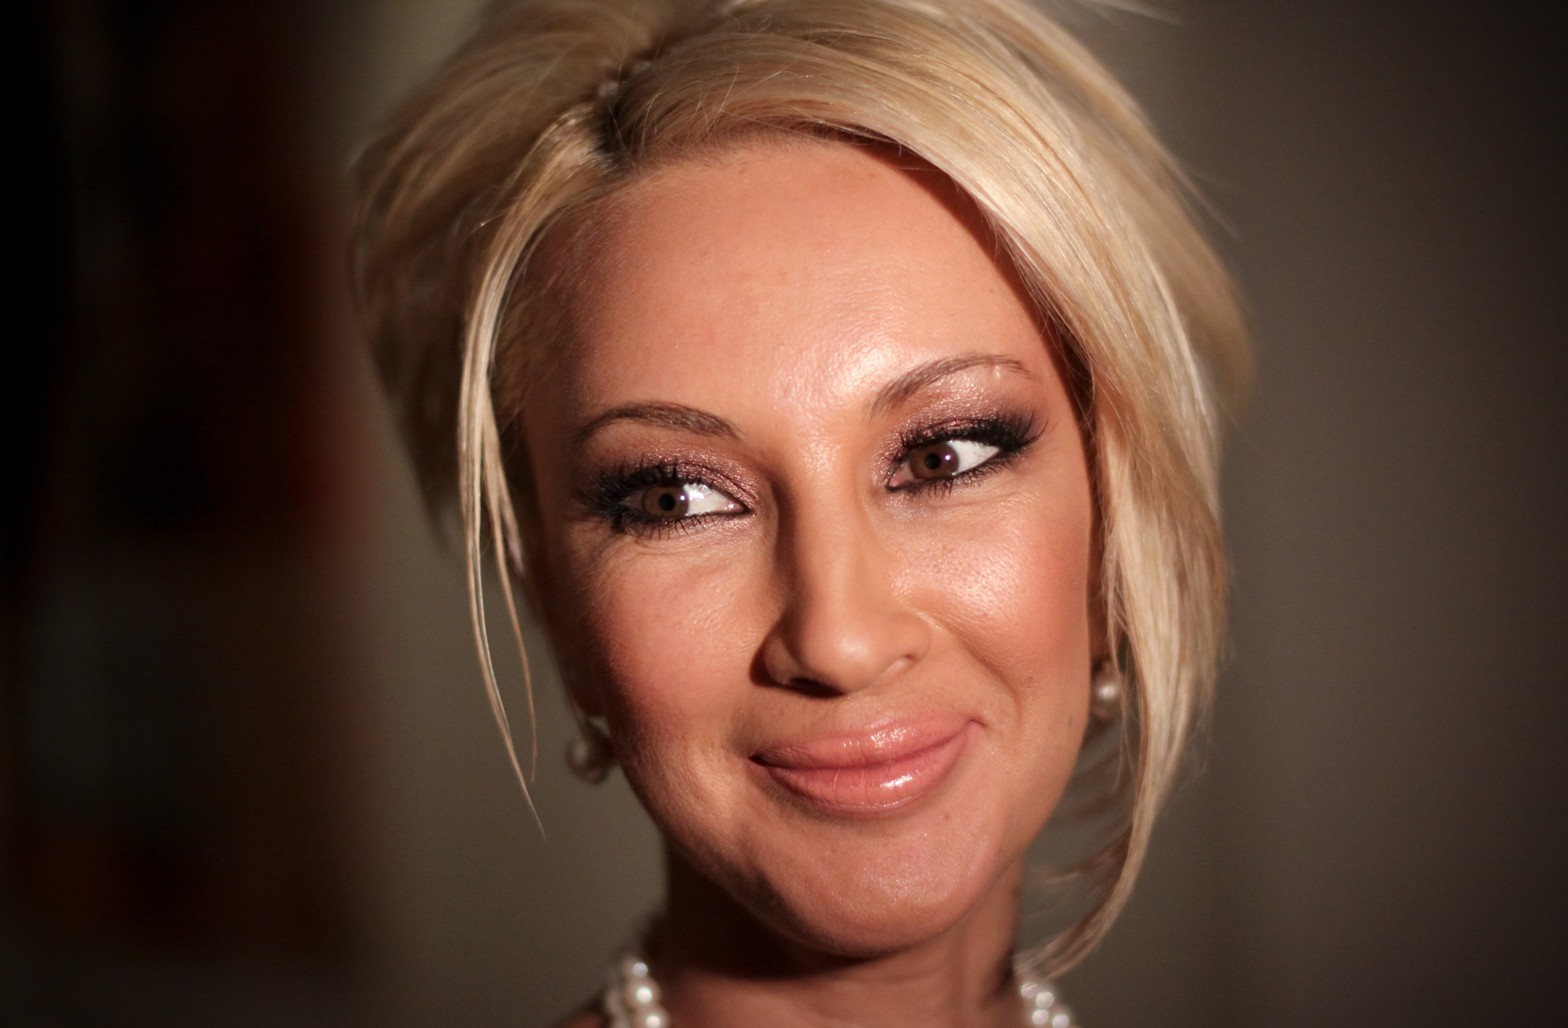 фото леры кудрявцевой без макияжа и фотошопа